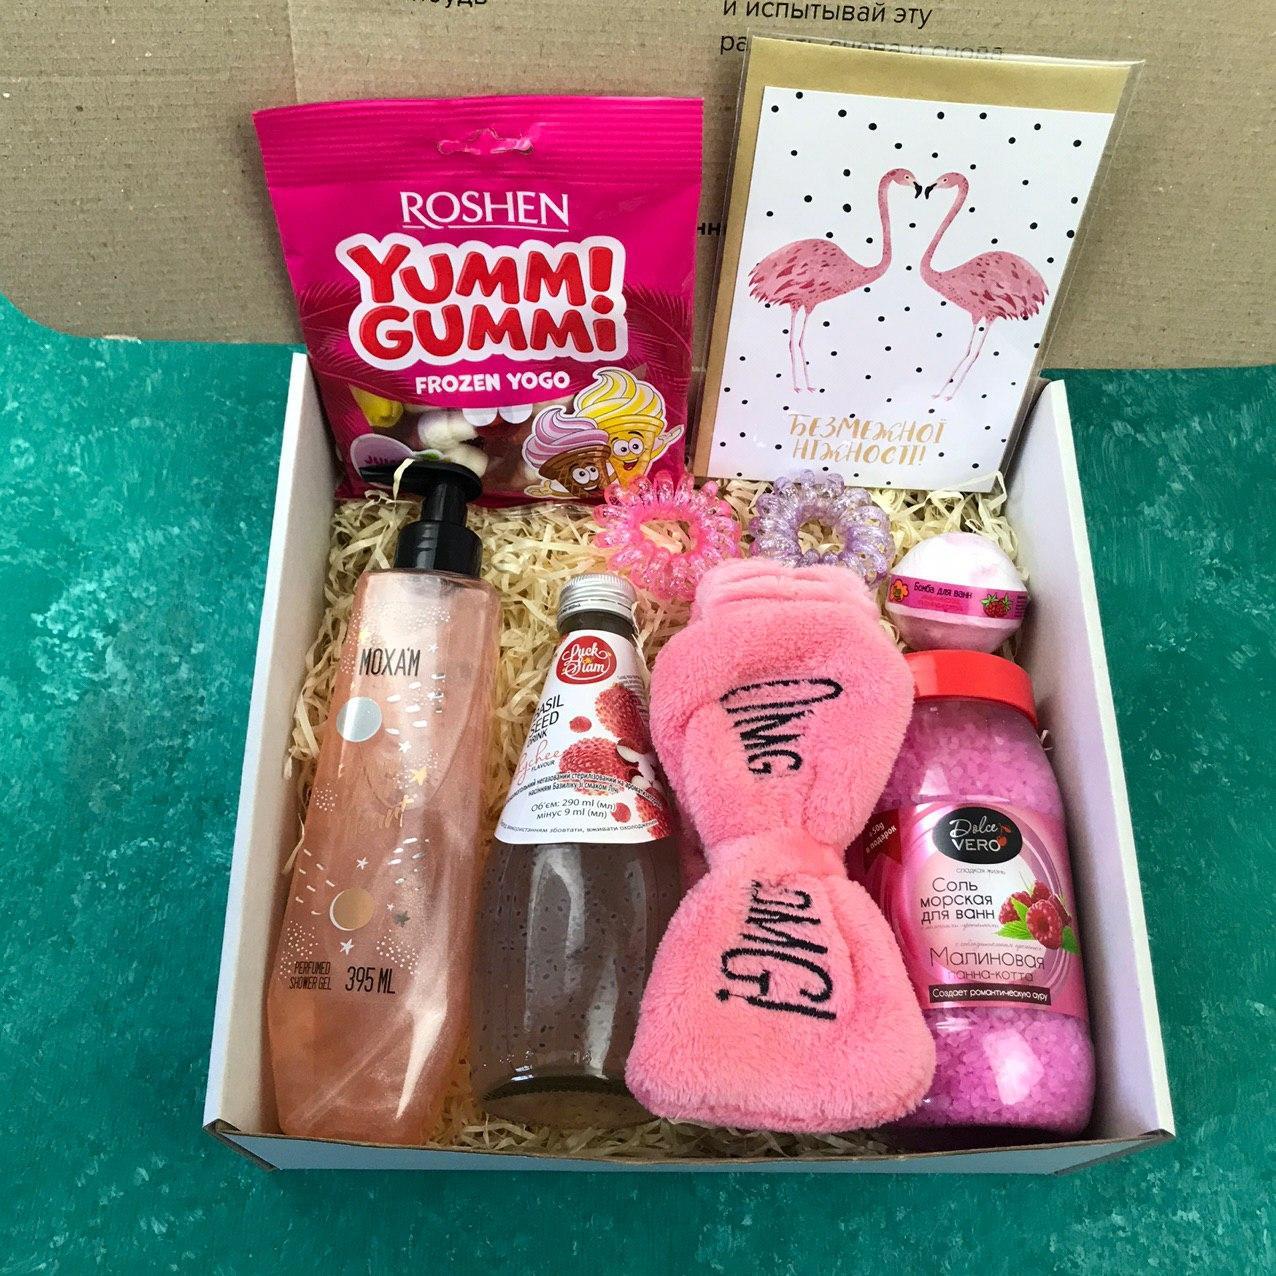 Подарочный Набор City-A Box Бокс для Женщины Бьюти Beauty Box из 9 ед №2879